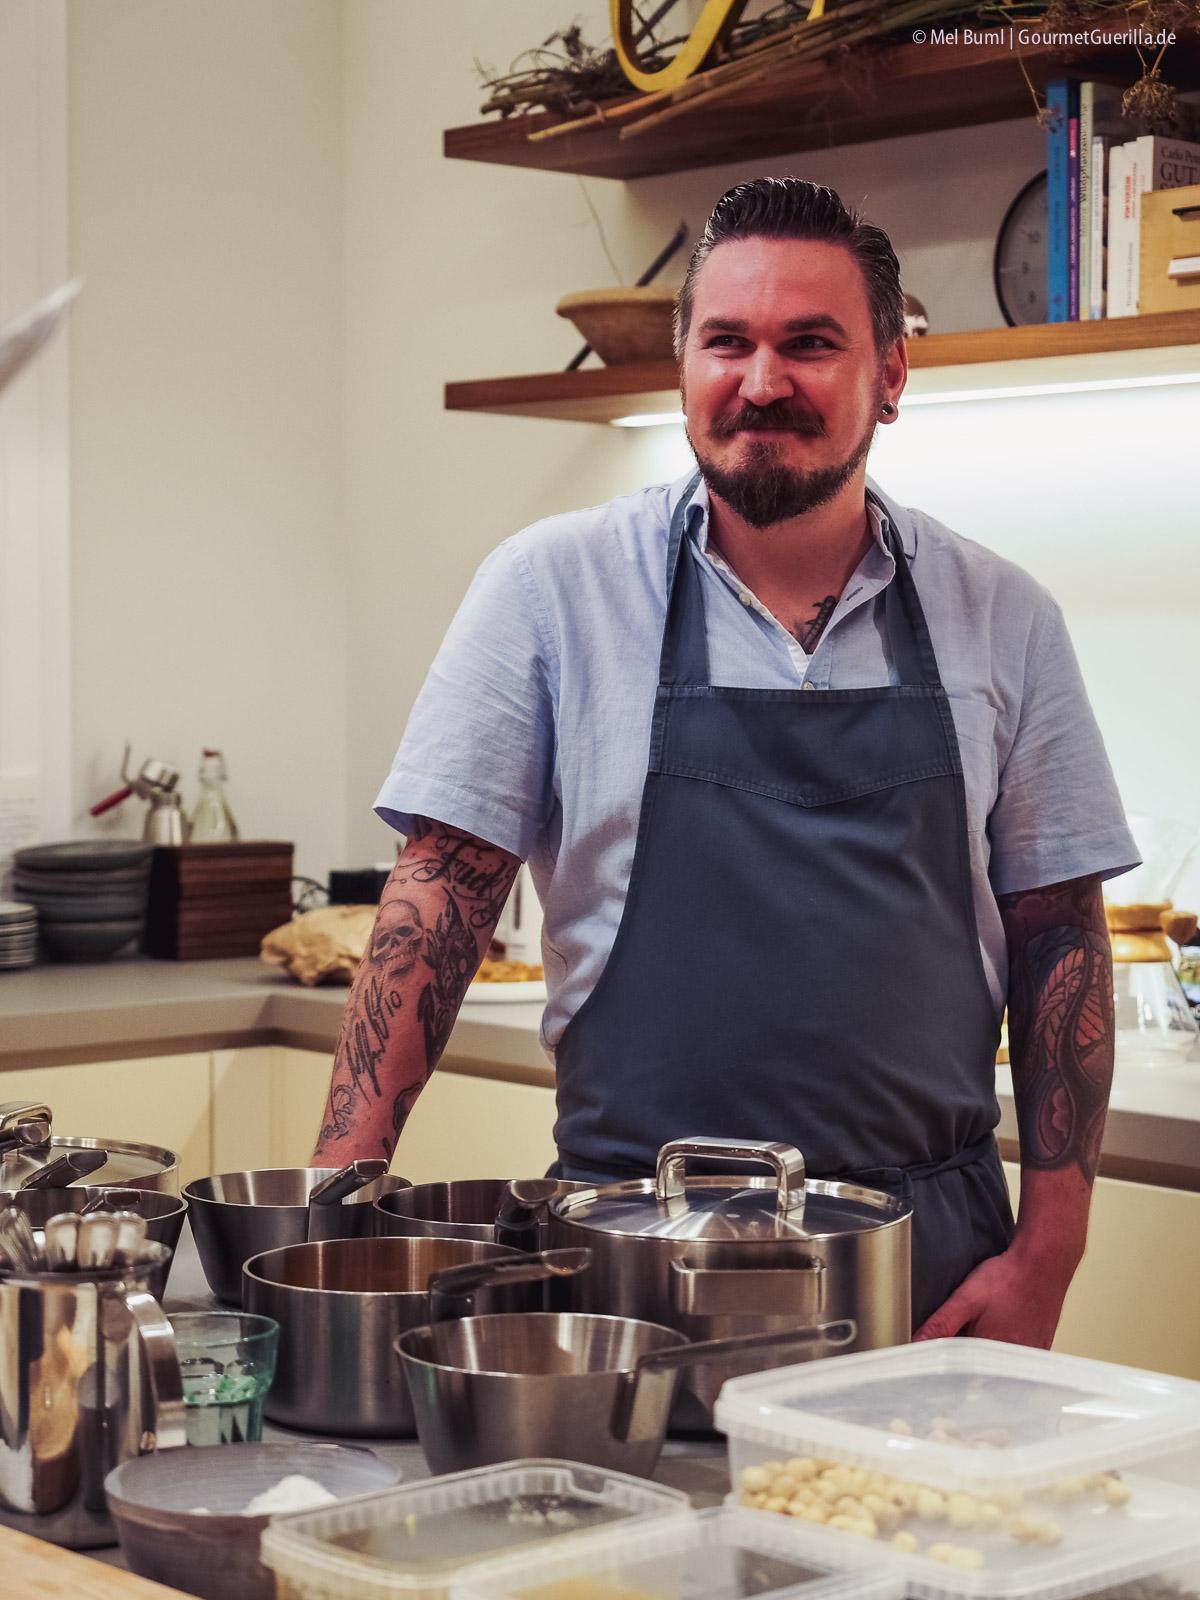 Kleine Auszeit in Ploen- Das Wohnzimmer-Restaurant von Robert Stolz |GourmetGuerilla.de-274656